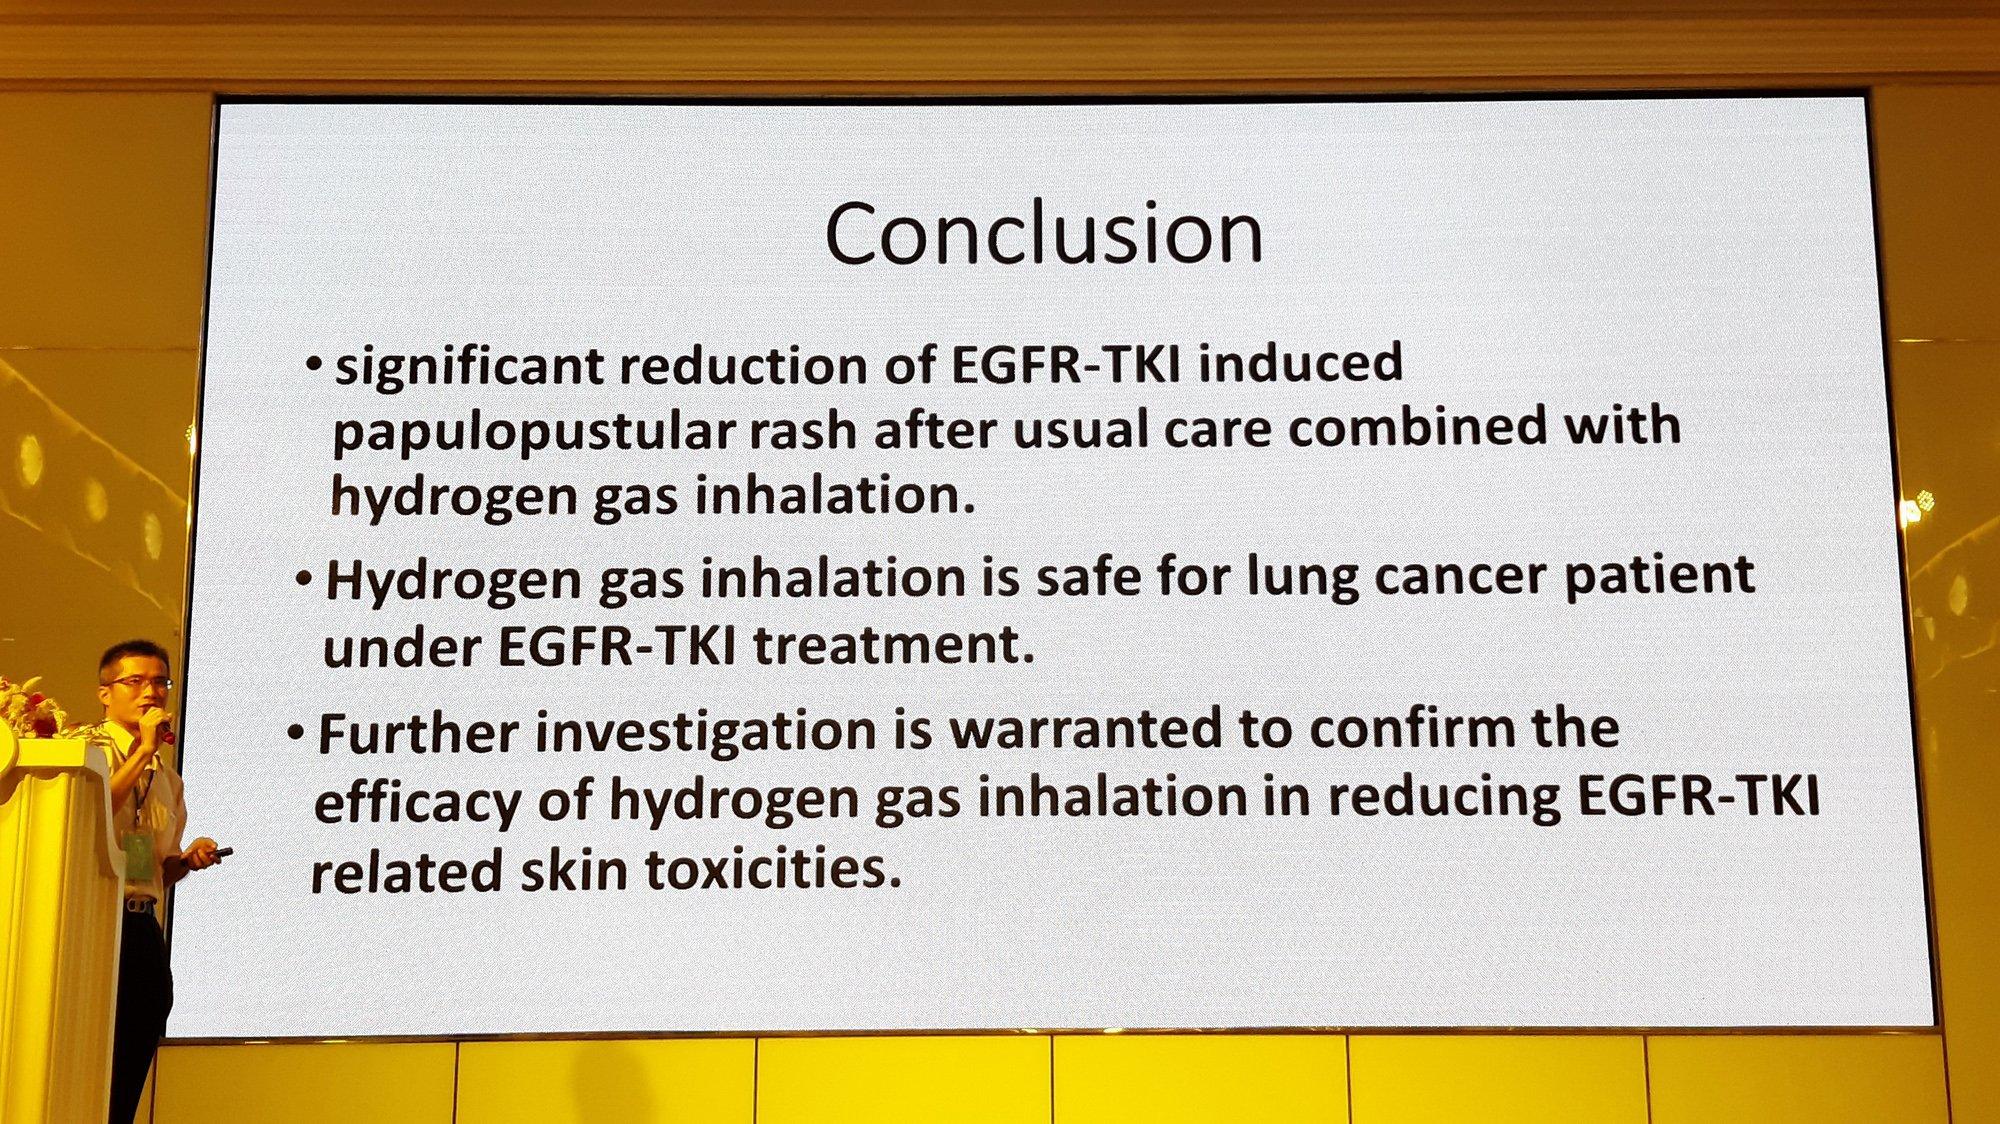 氫分子醫學 研討會-30 氫氣吸入對於標靶藥物誘導之皮膚副作用的影響-義大 呼吸胸腔內科 陳俊榮醫師 及 癌治療醫院 黃明賢副院長